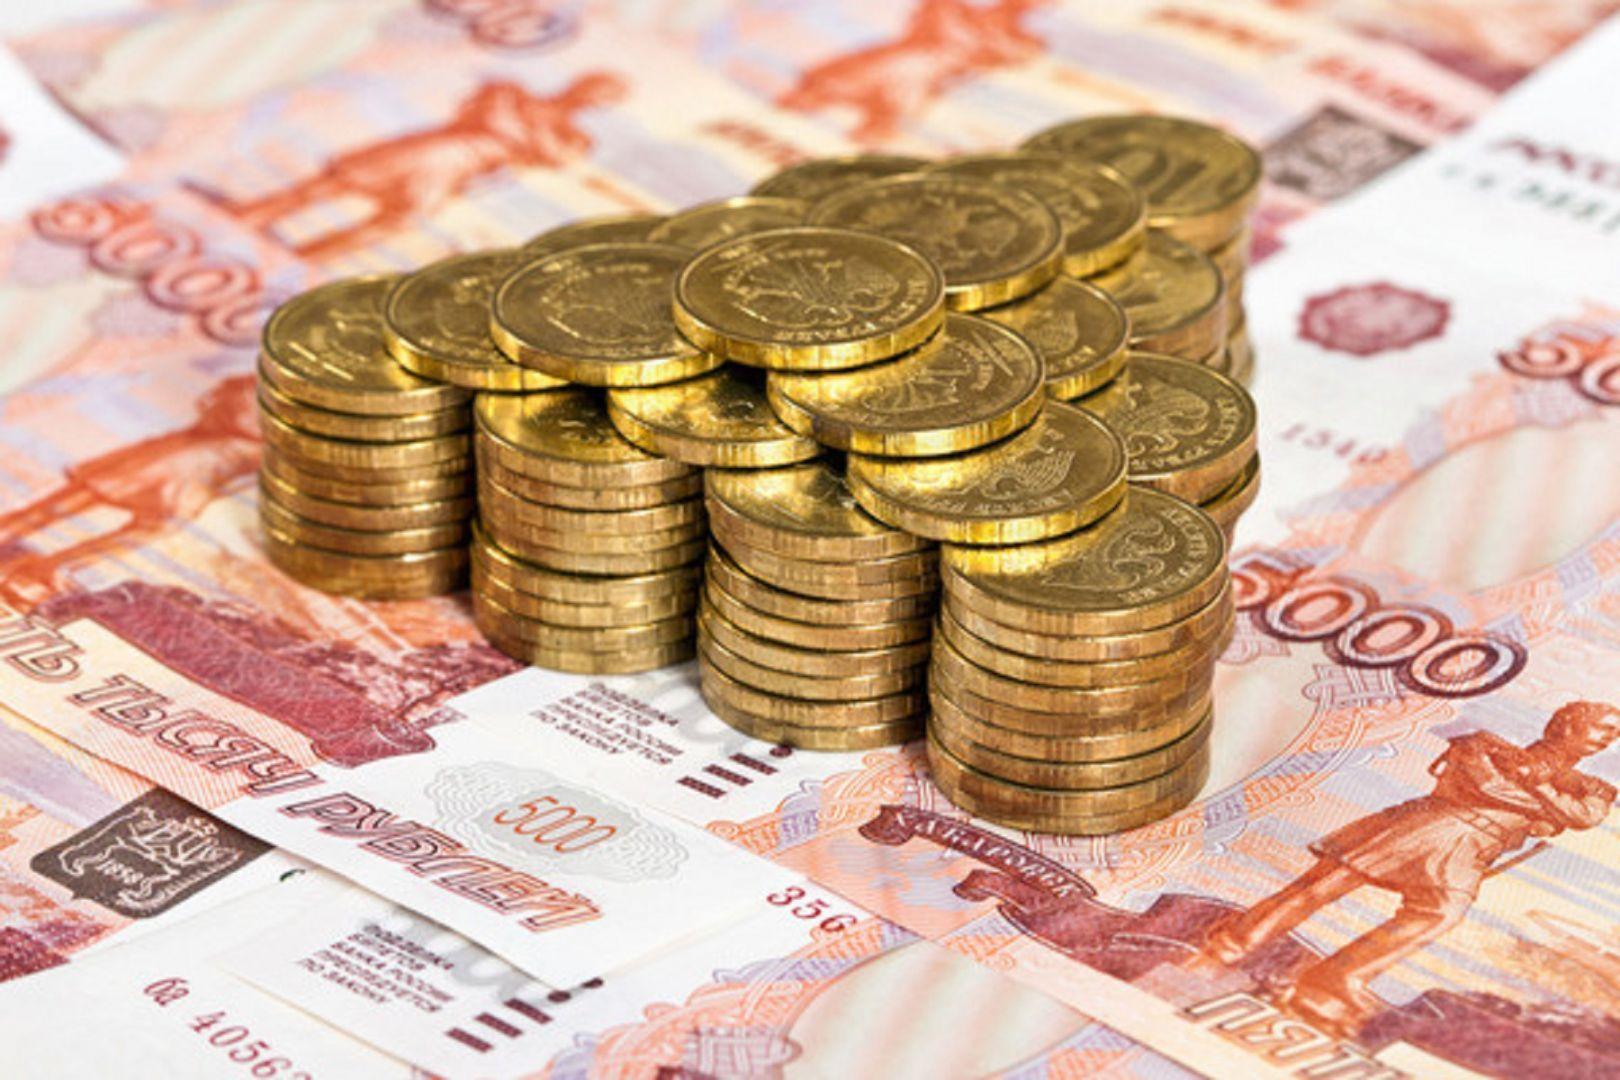 Ставрополец получил 15 млн руб. кредита полиповым документам